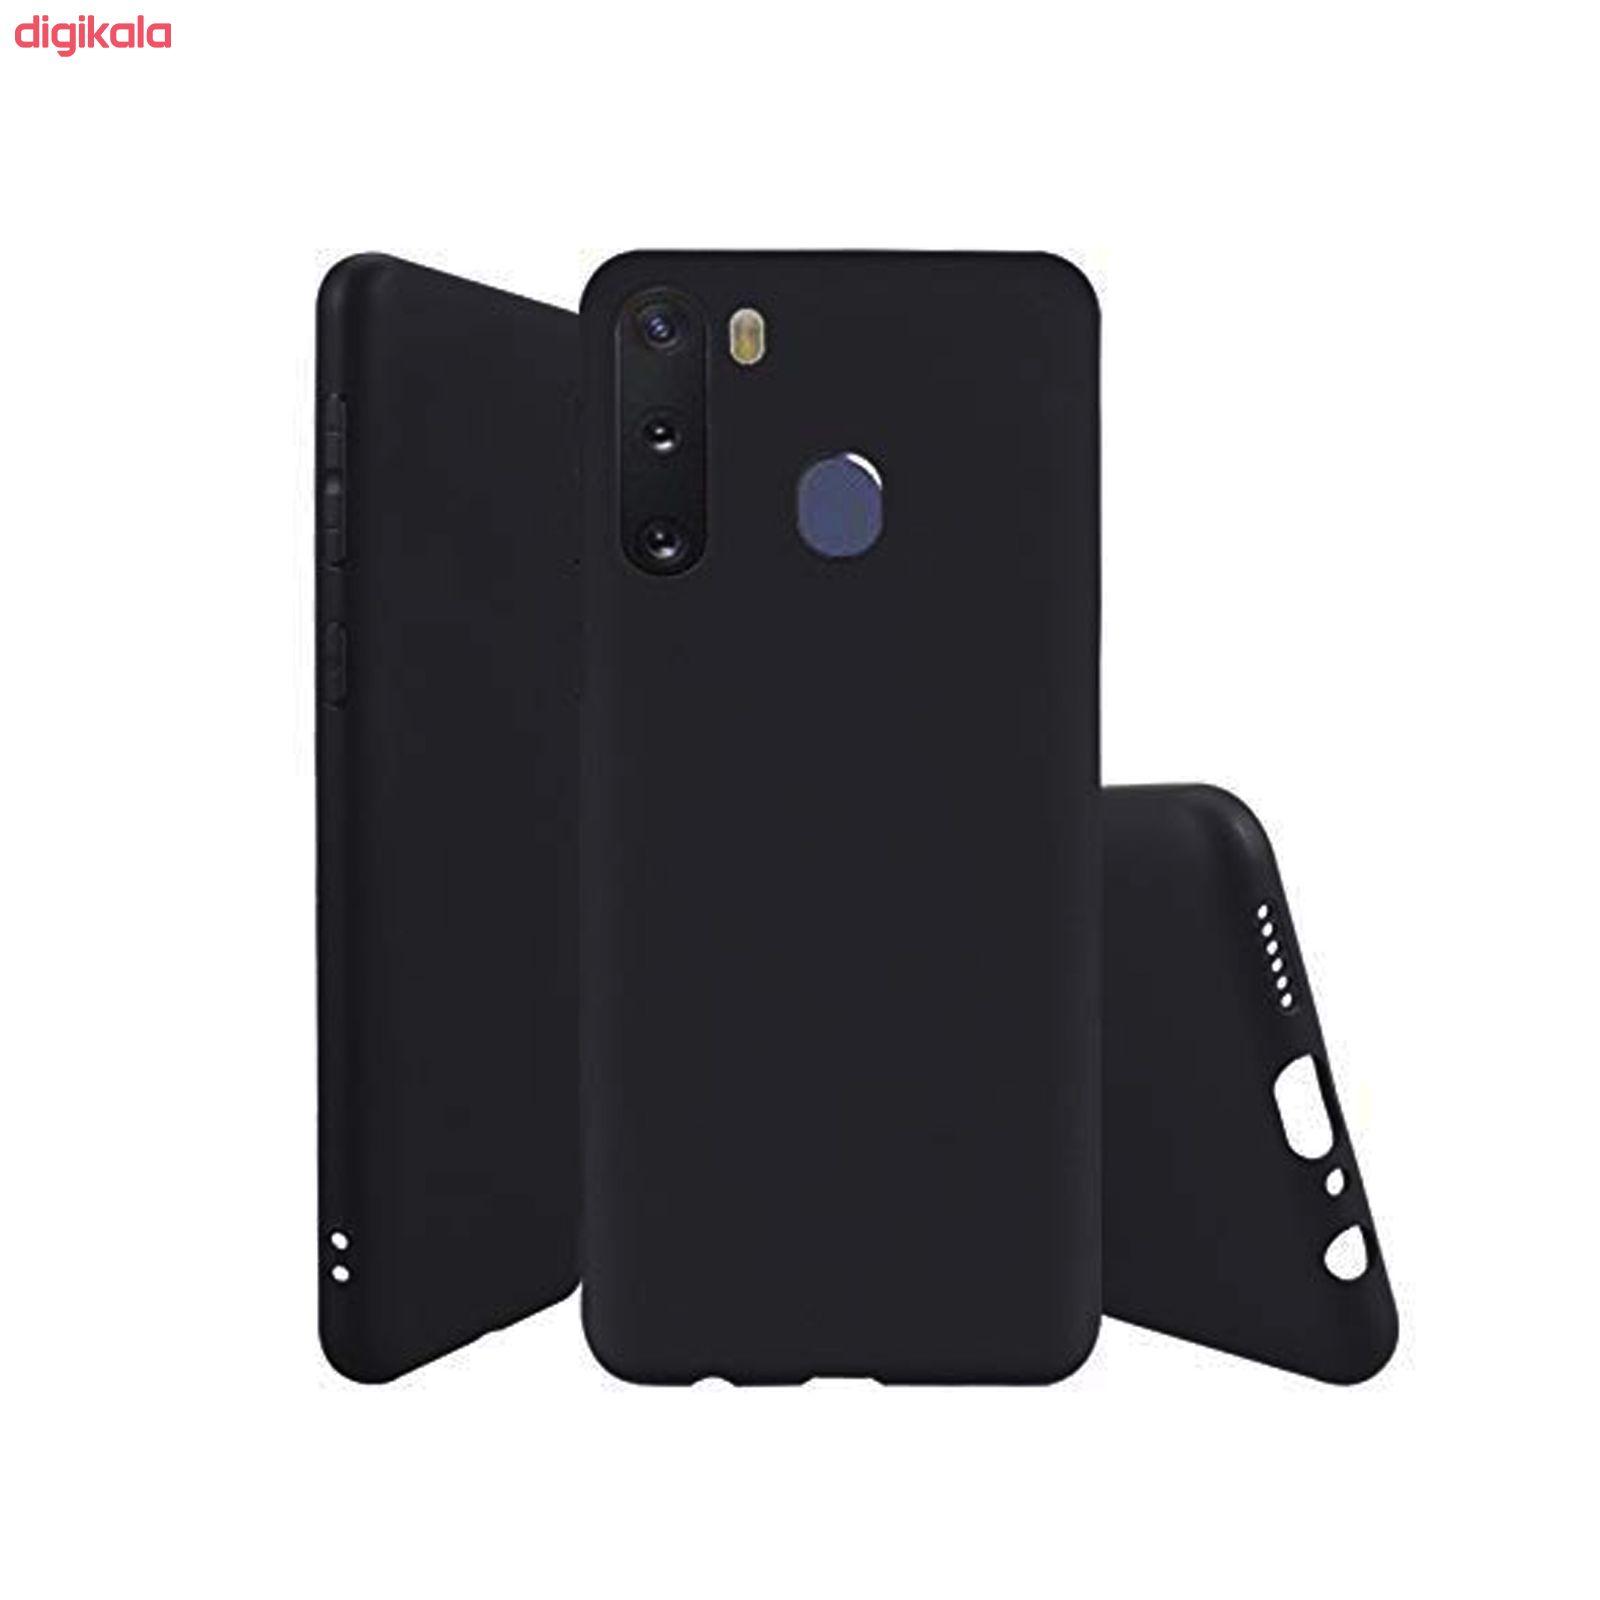 کاور مدل JEL-22 مناسب برای گوشی موبایل سامسونگ Galaxy A21  main 1 1